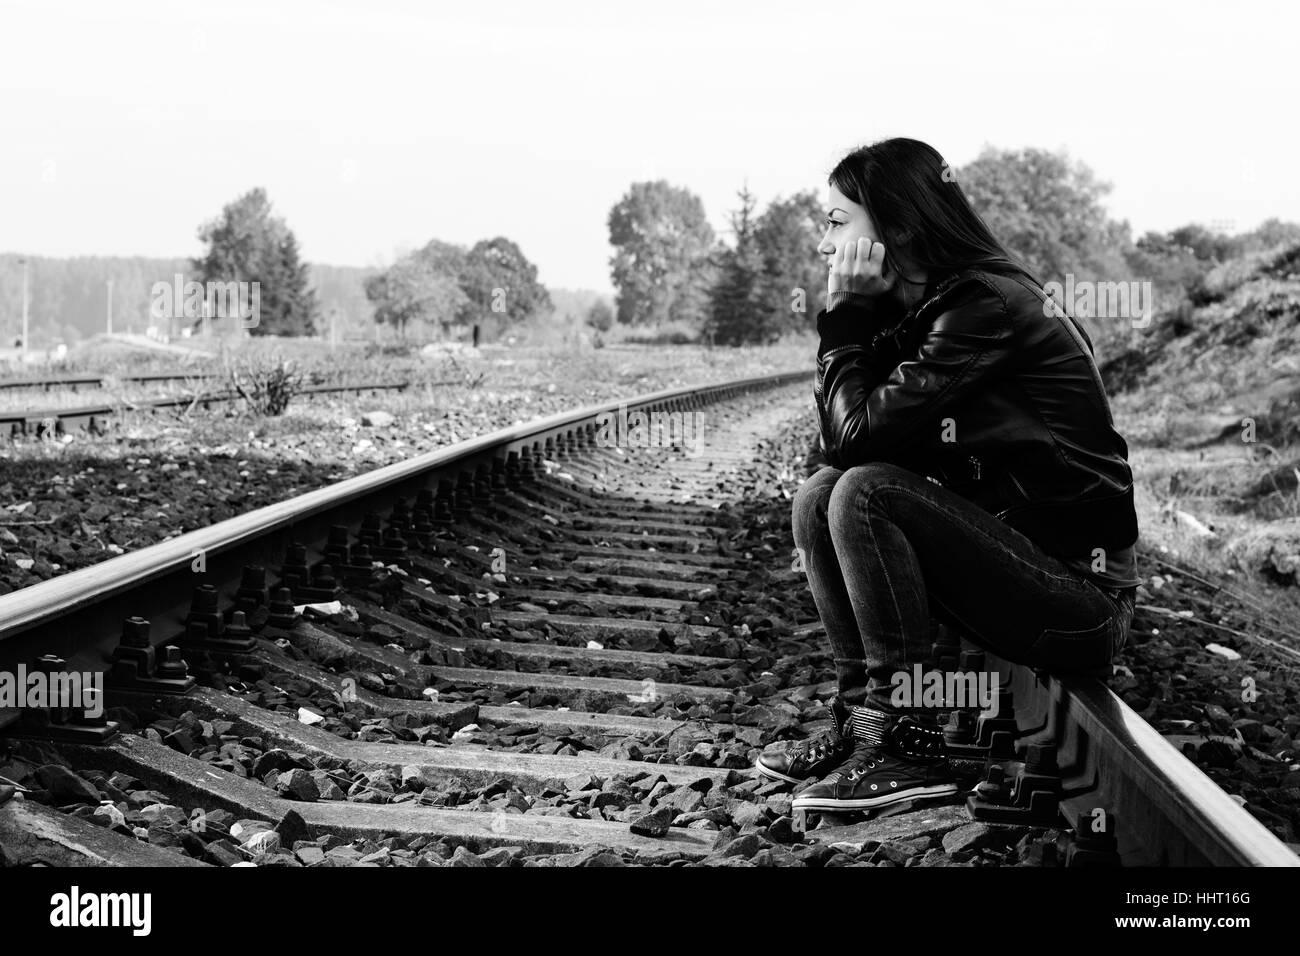 Teen, verwirrt, unglücklich, deprimiert, Emotionen, Stress